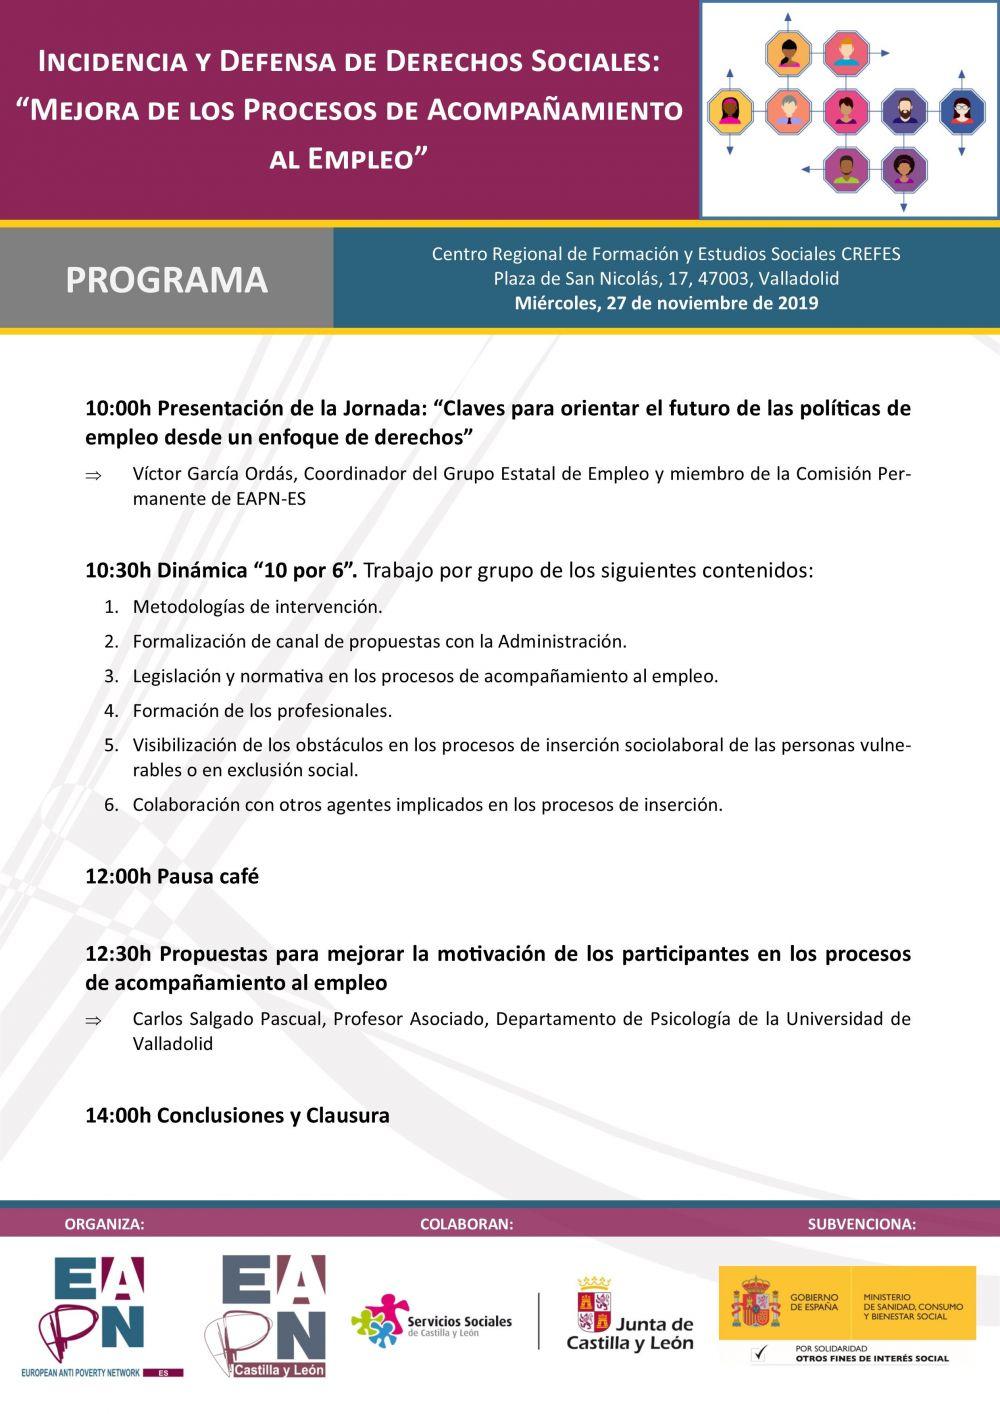 """Valladolid_27/11/2019_Jornada: """"Incidencia y Defensa de Derechos Sociales: mejora de los Procesos de Acompañamiento al Empleo"""""""